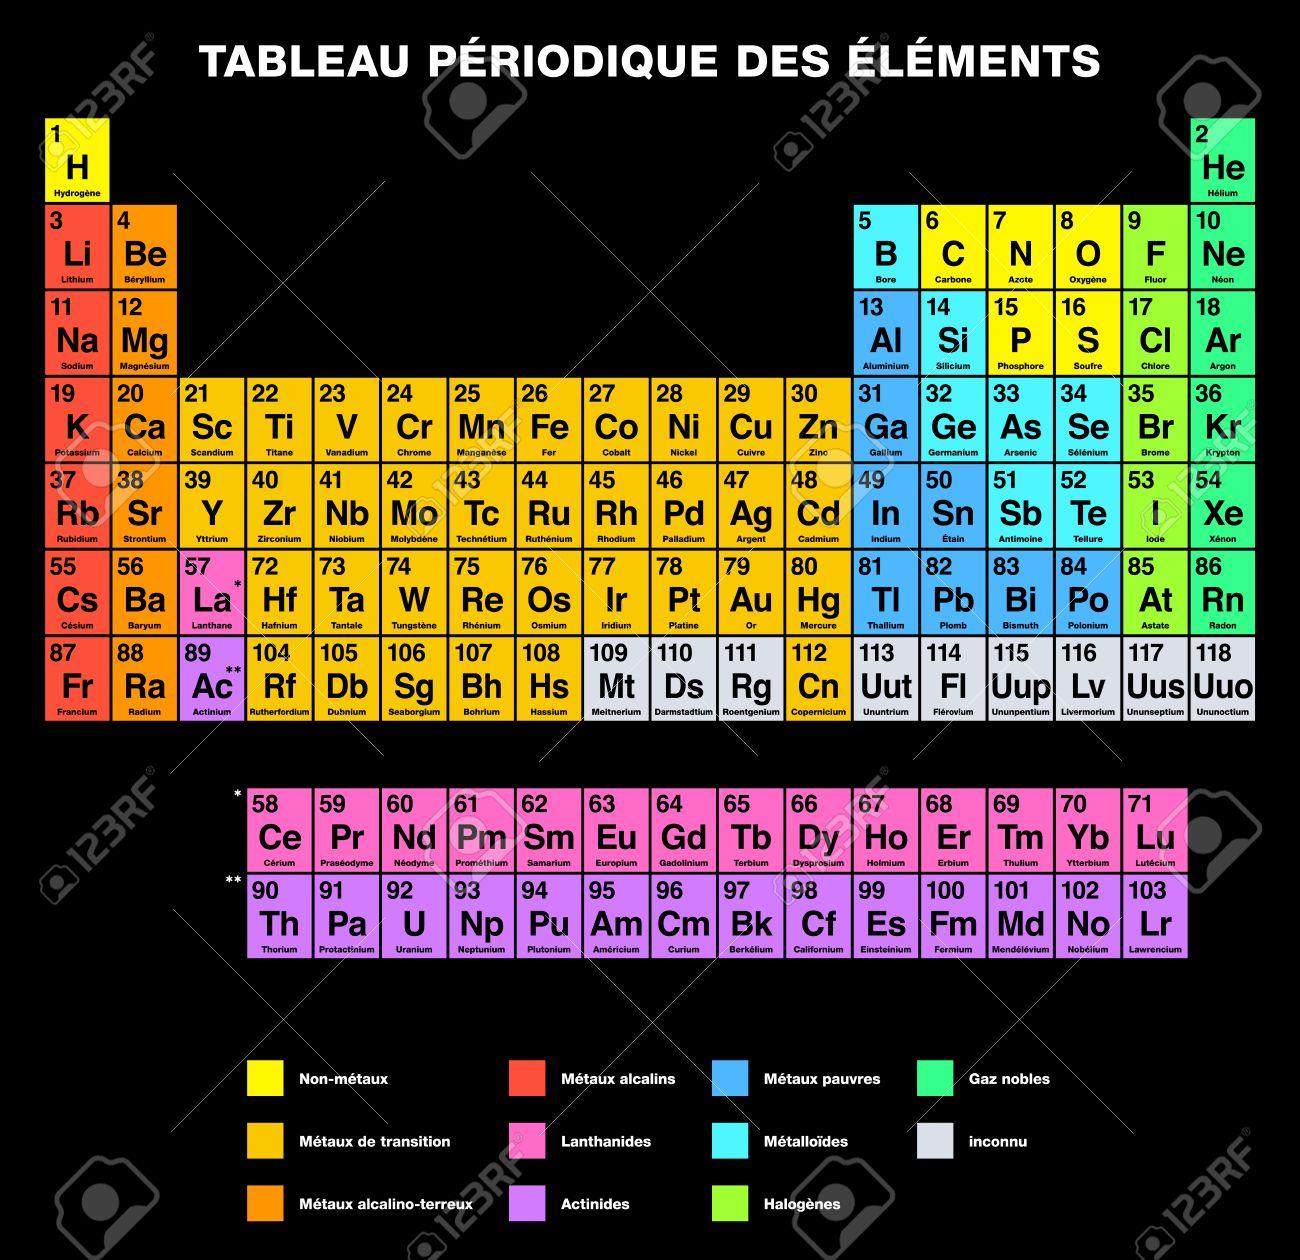 Tabla peridica de los elementos de etiquetado francs arreglo arreglo tabular de los elementos qumicos con nmeros atmicos su organizados en grupos y familias aislado sobre fondo negro tabla peridica urtaz Gallery